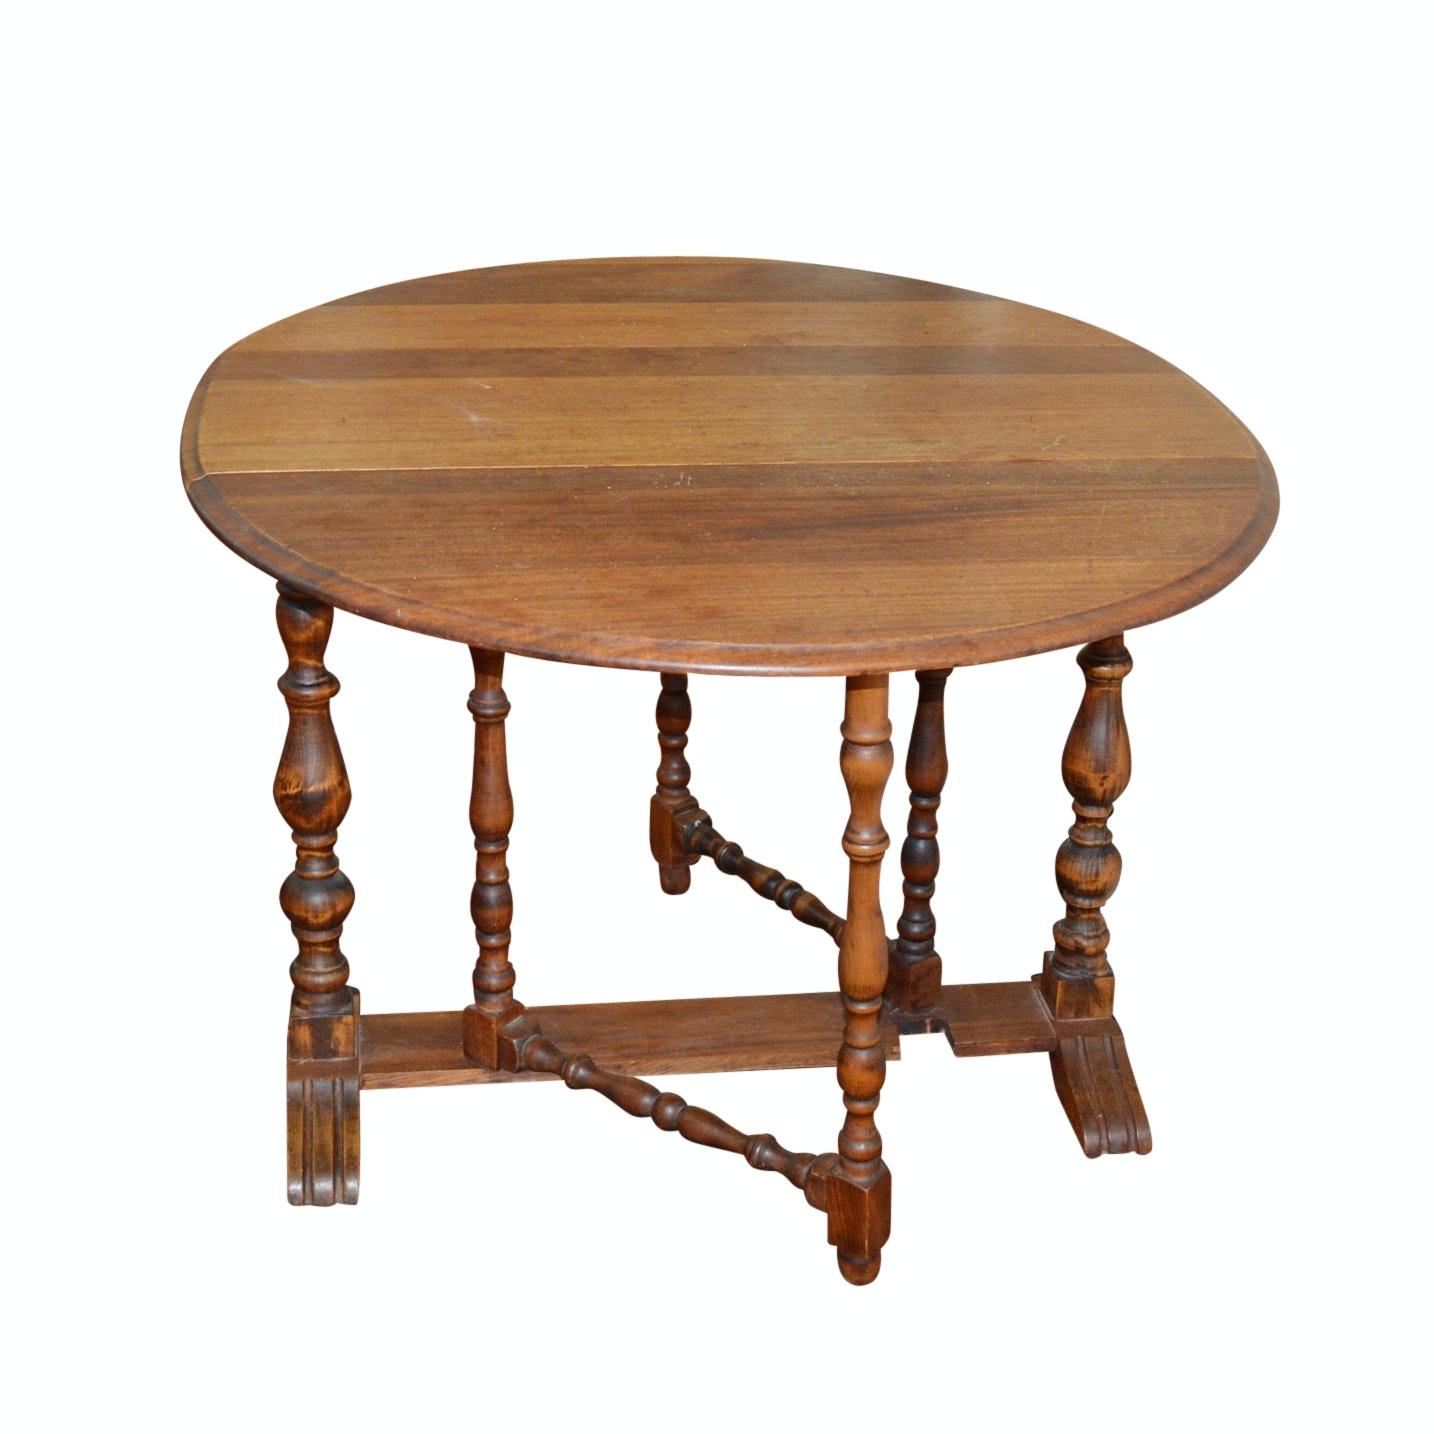 Antique Drop-Leaf Kitchen Table